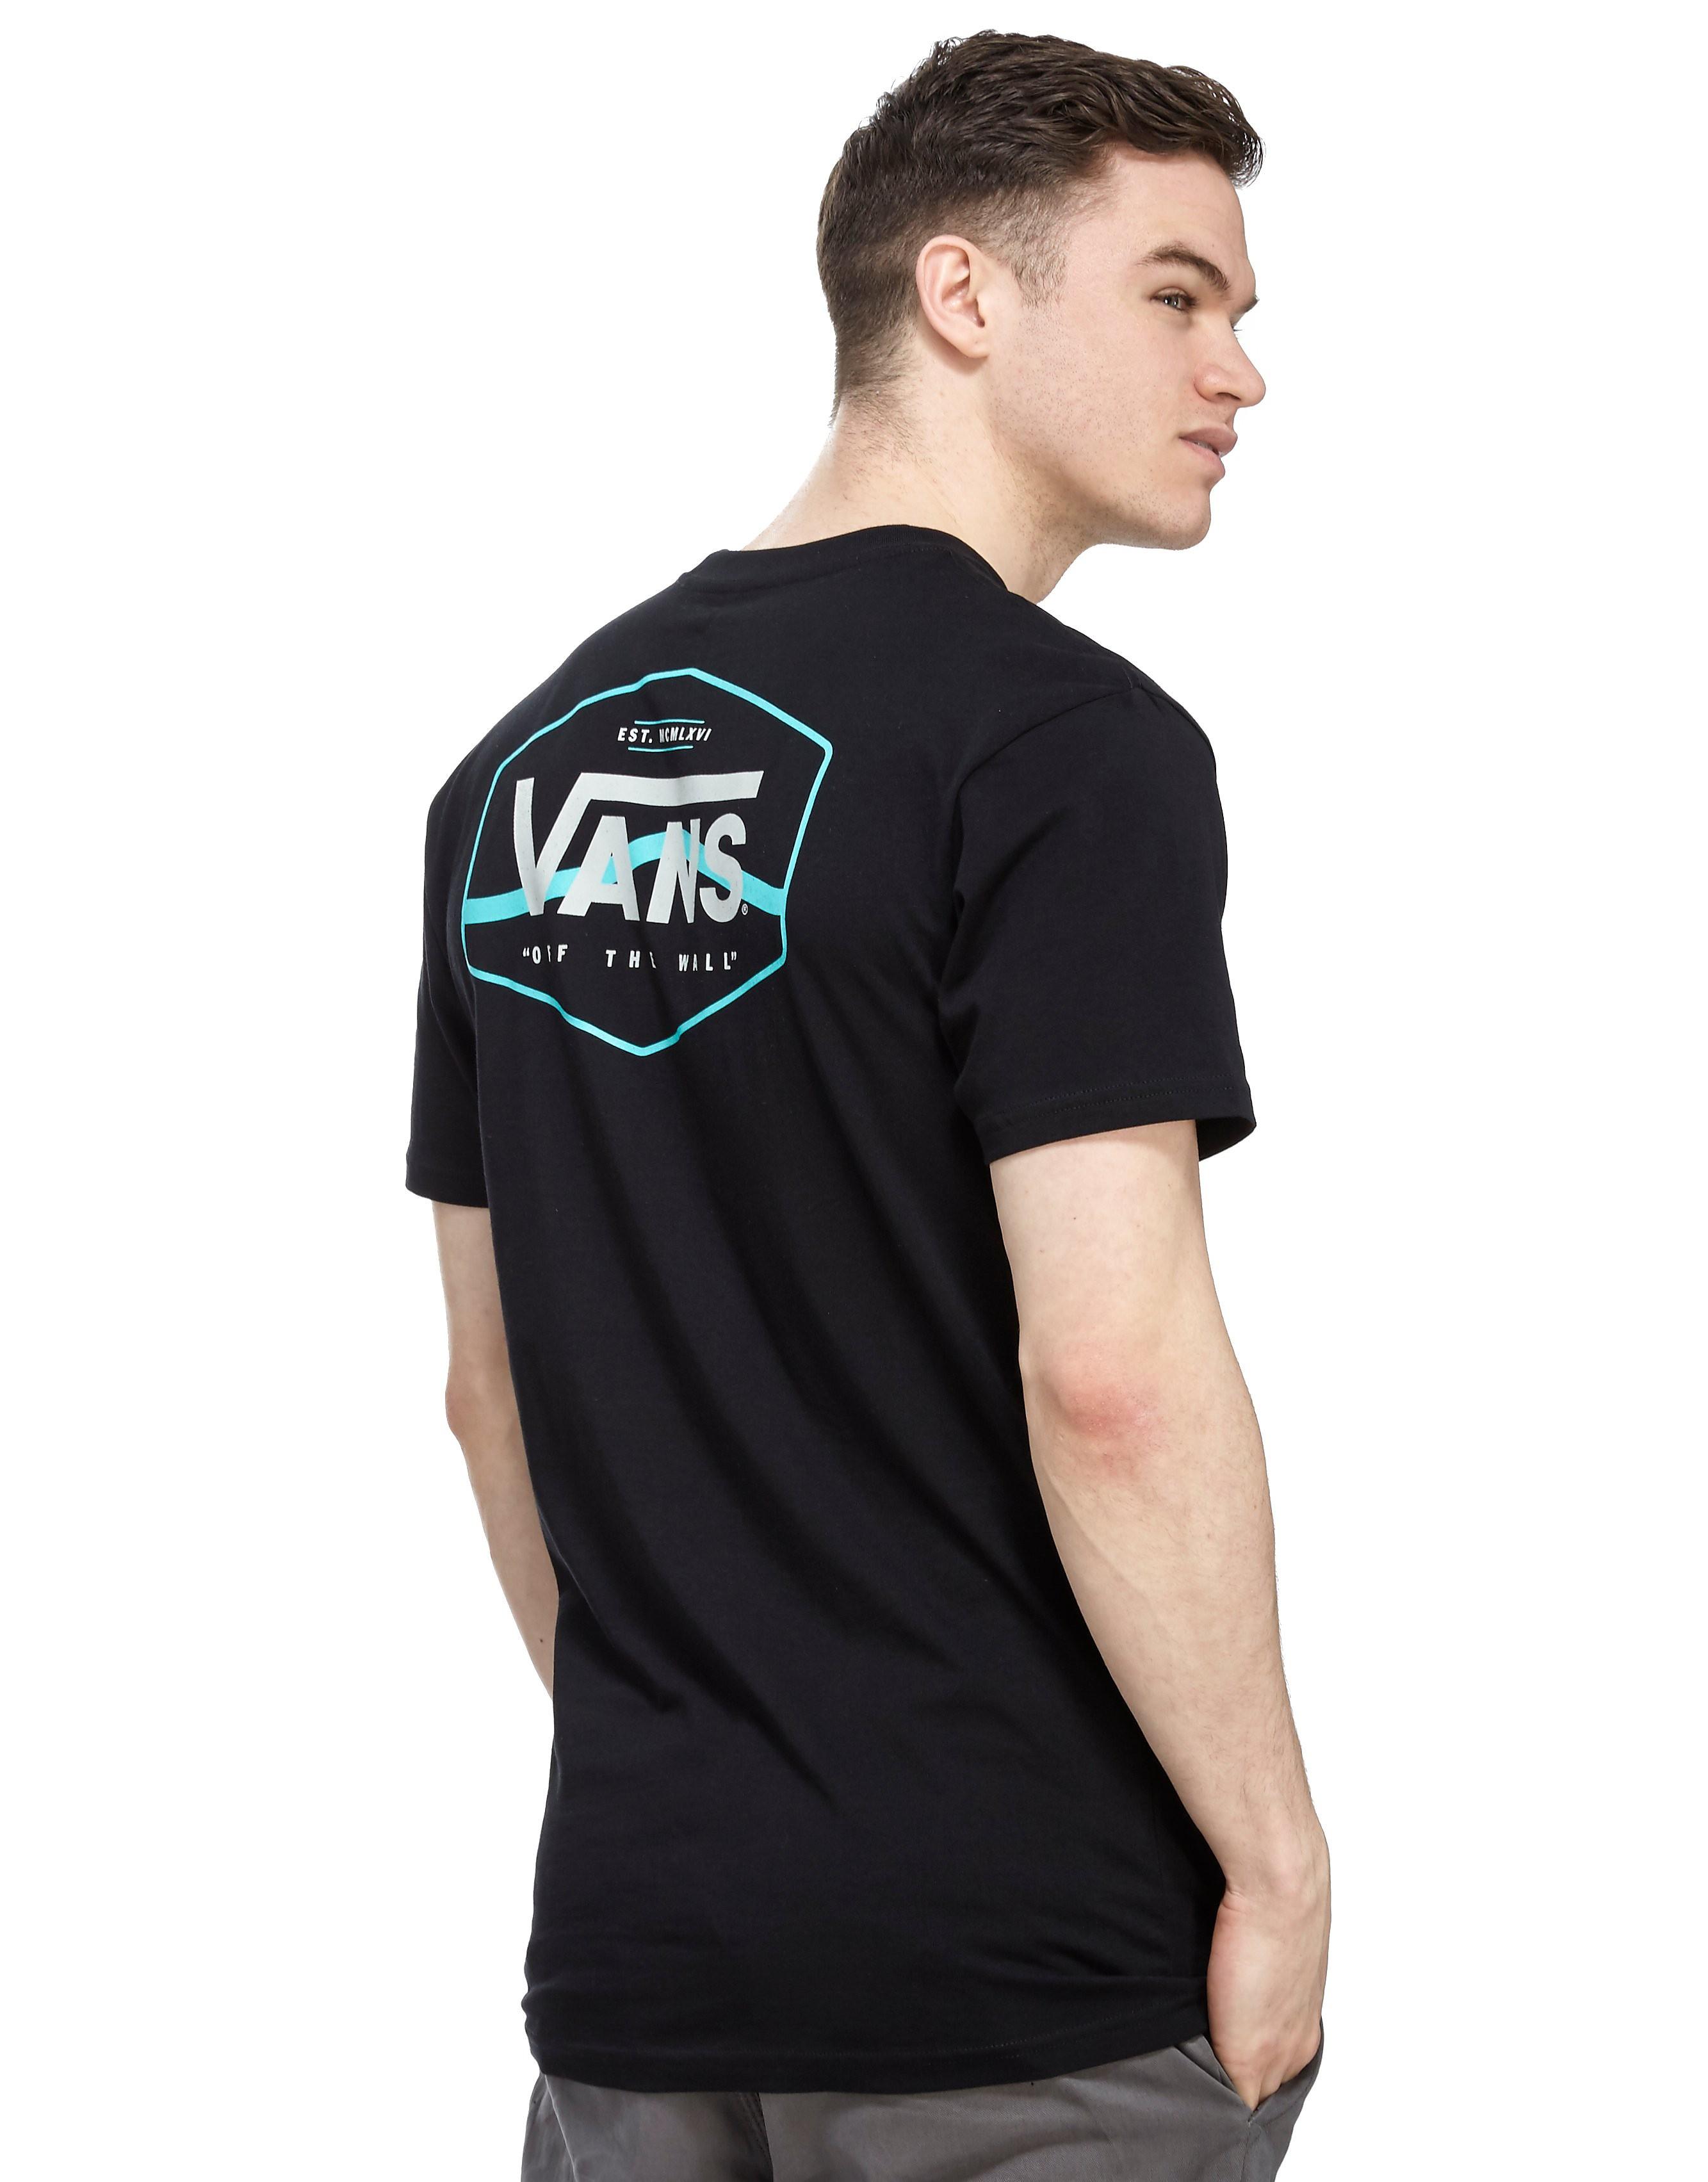 Vans Side Stripe Back Print T-Shirt